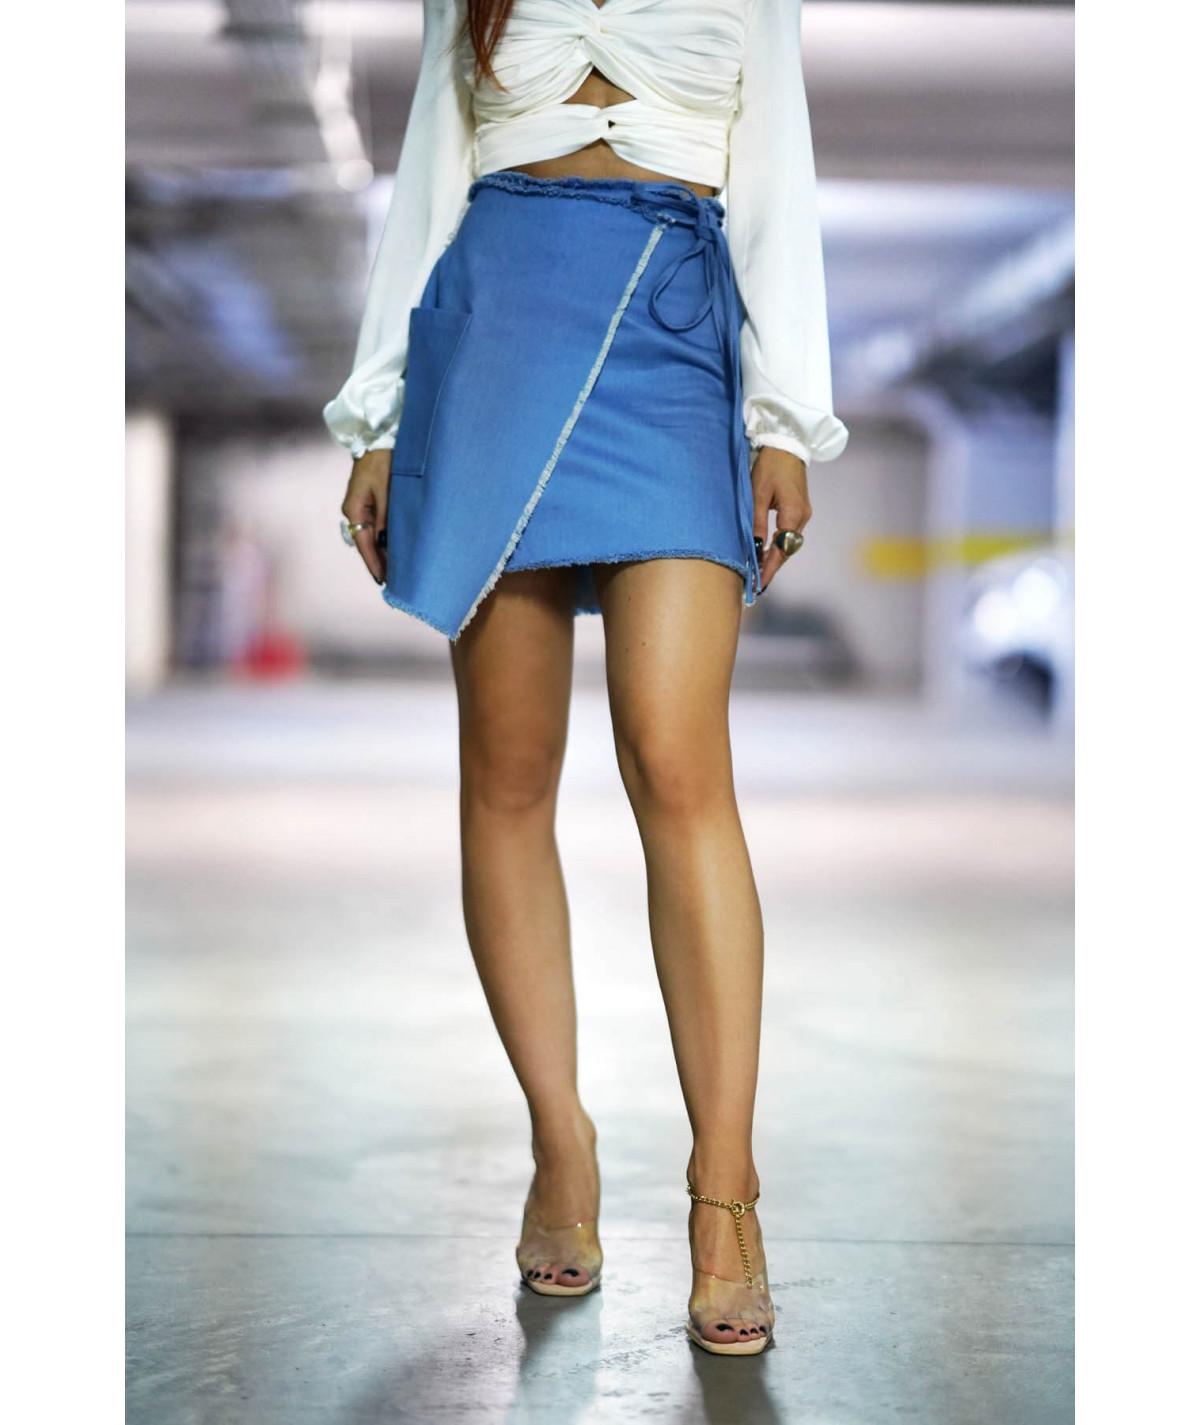 VANESSA SKIRT - Denim skirt...